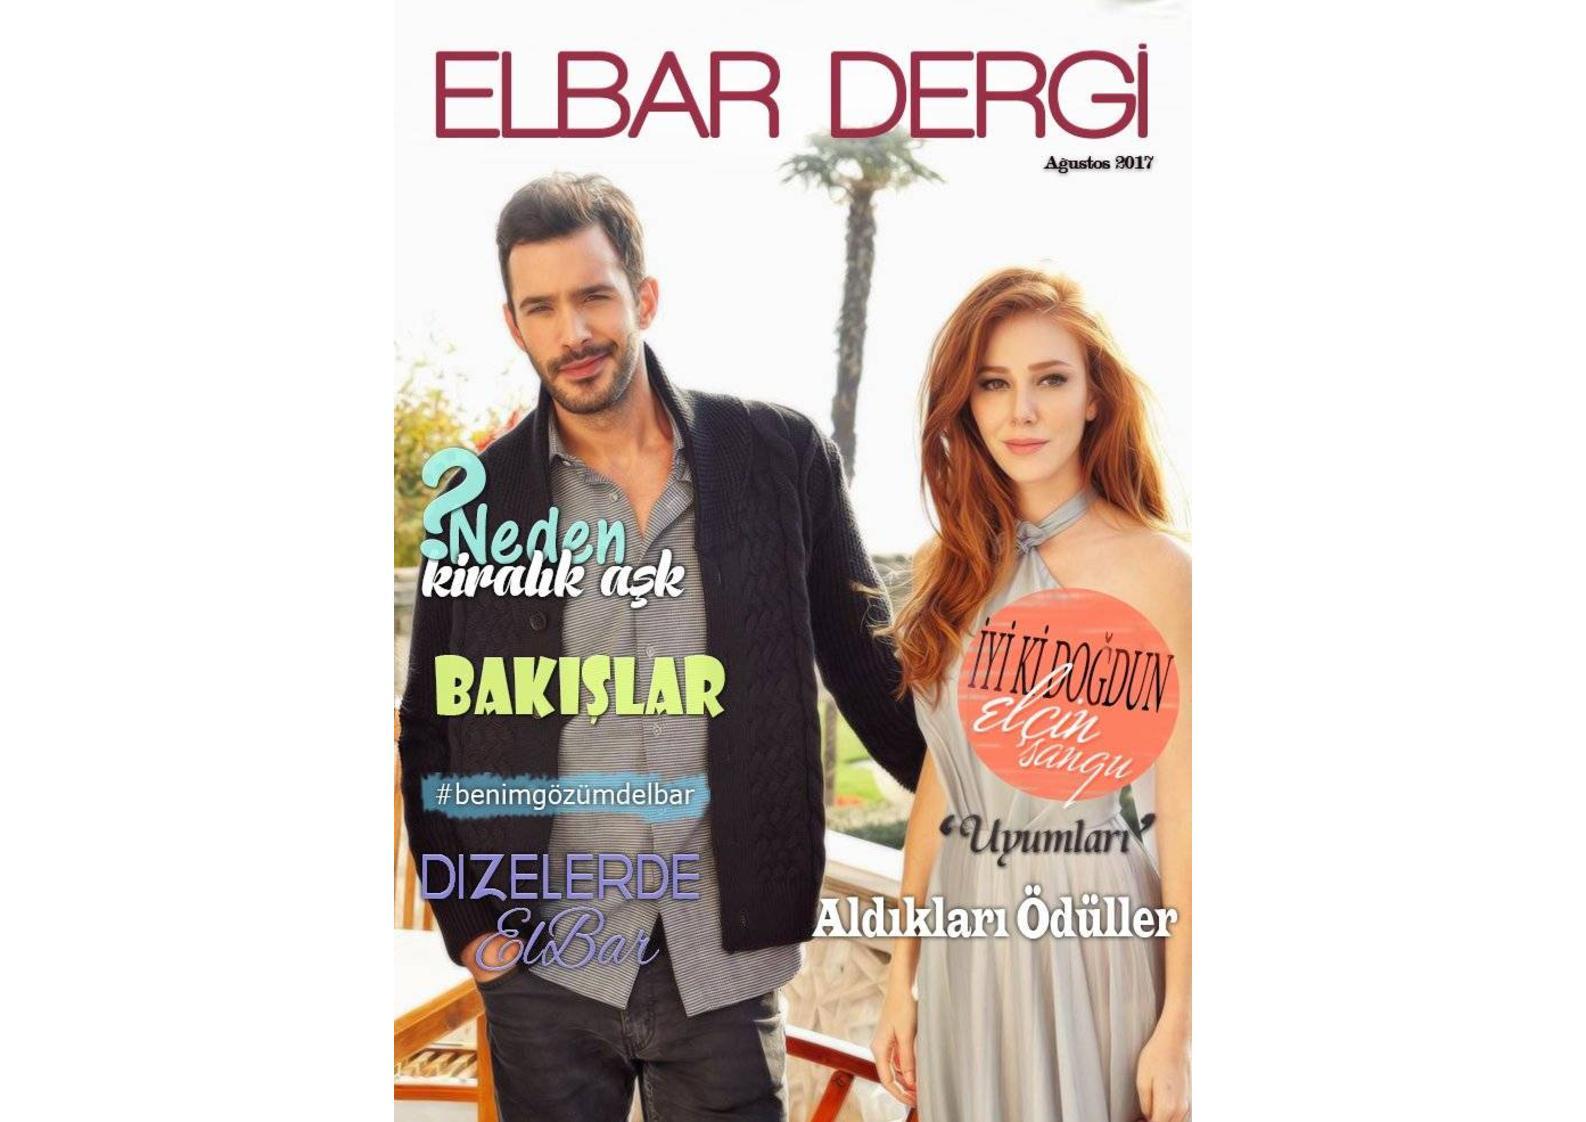 Elbar Dergi̇ Ağustos 2017